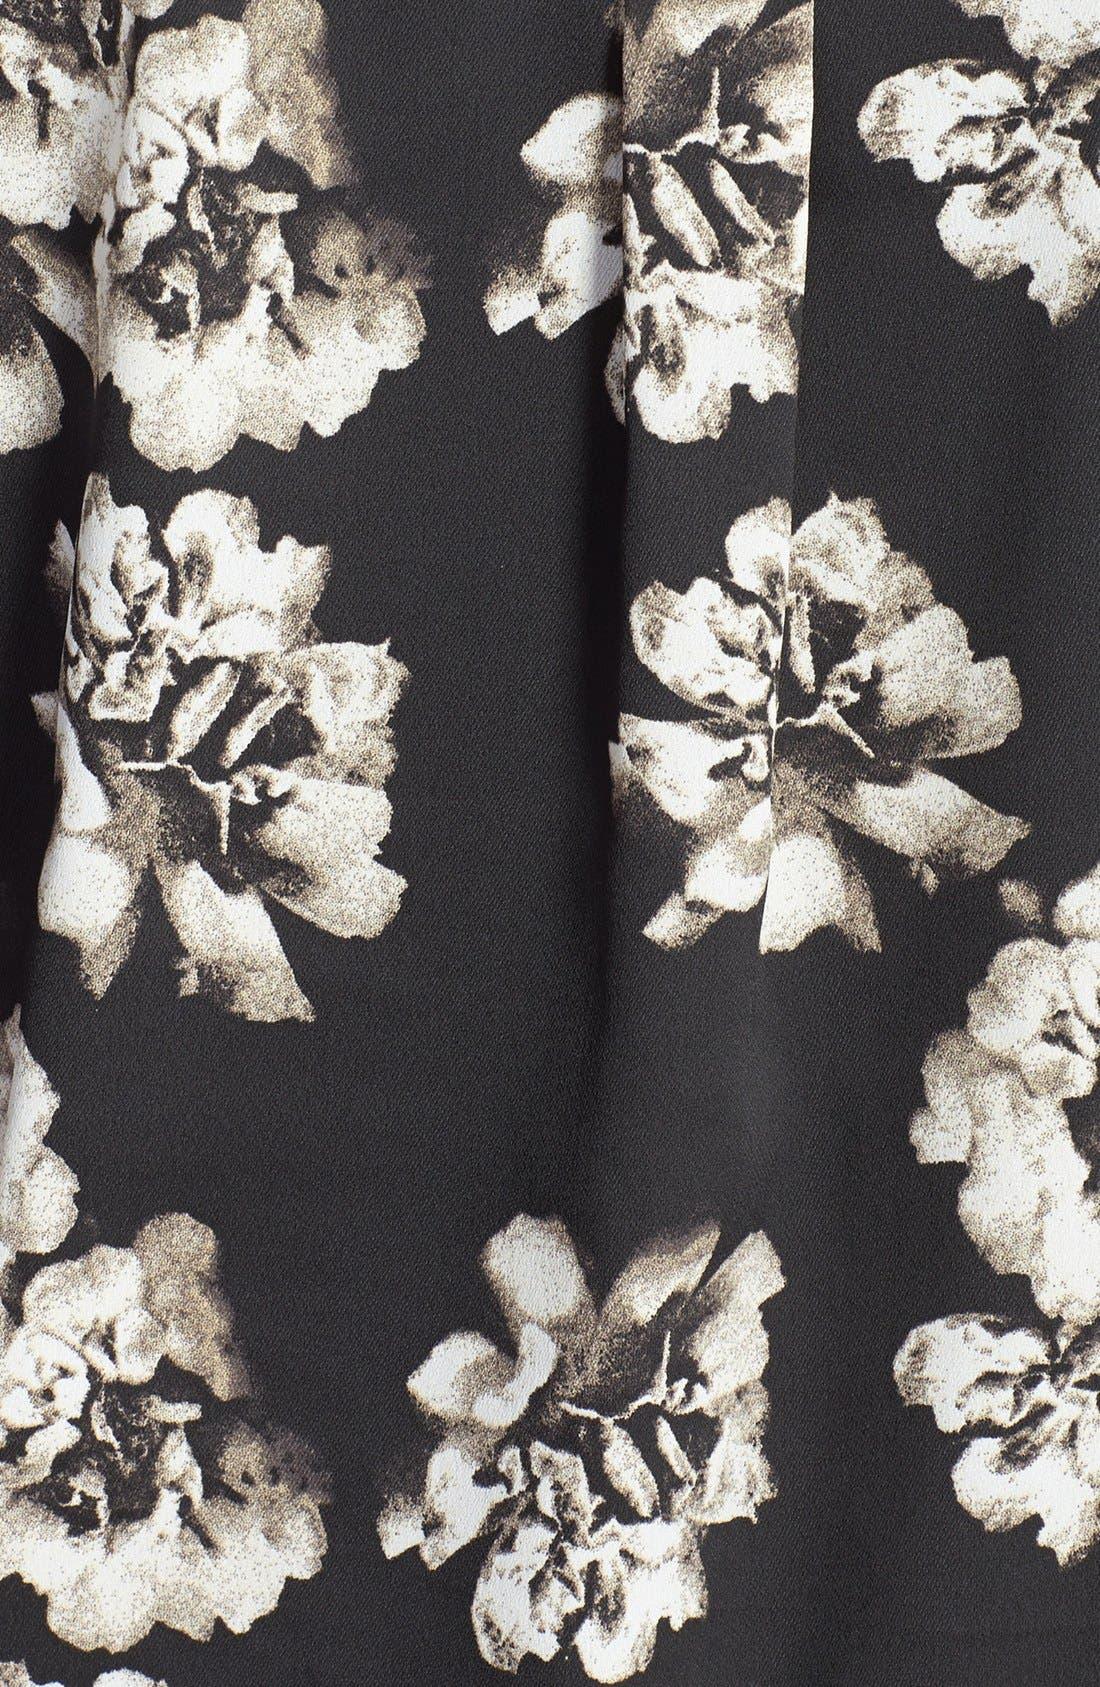 Floral Print Blouse,                             Alternate thumbnail 3, color,                             002